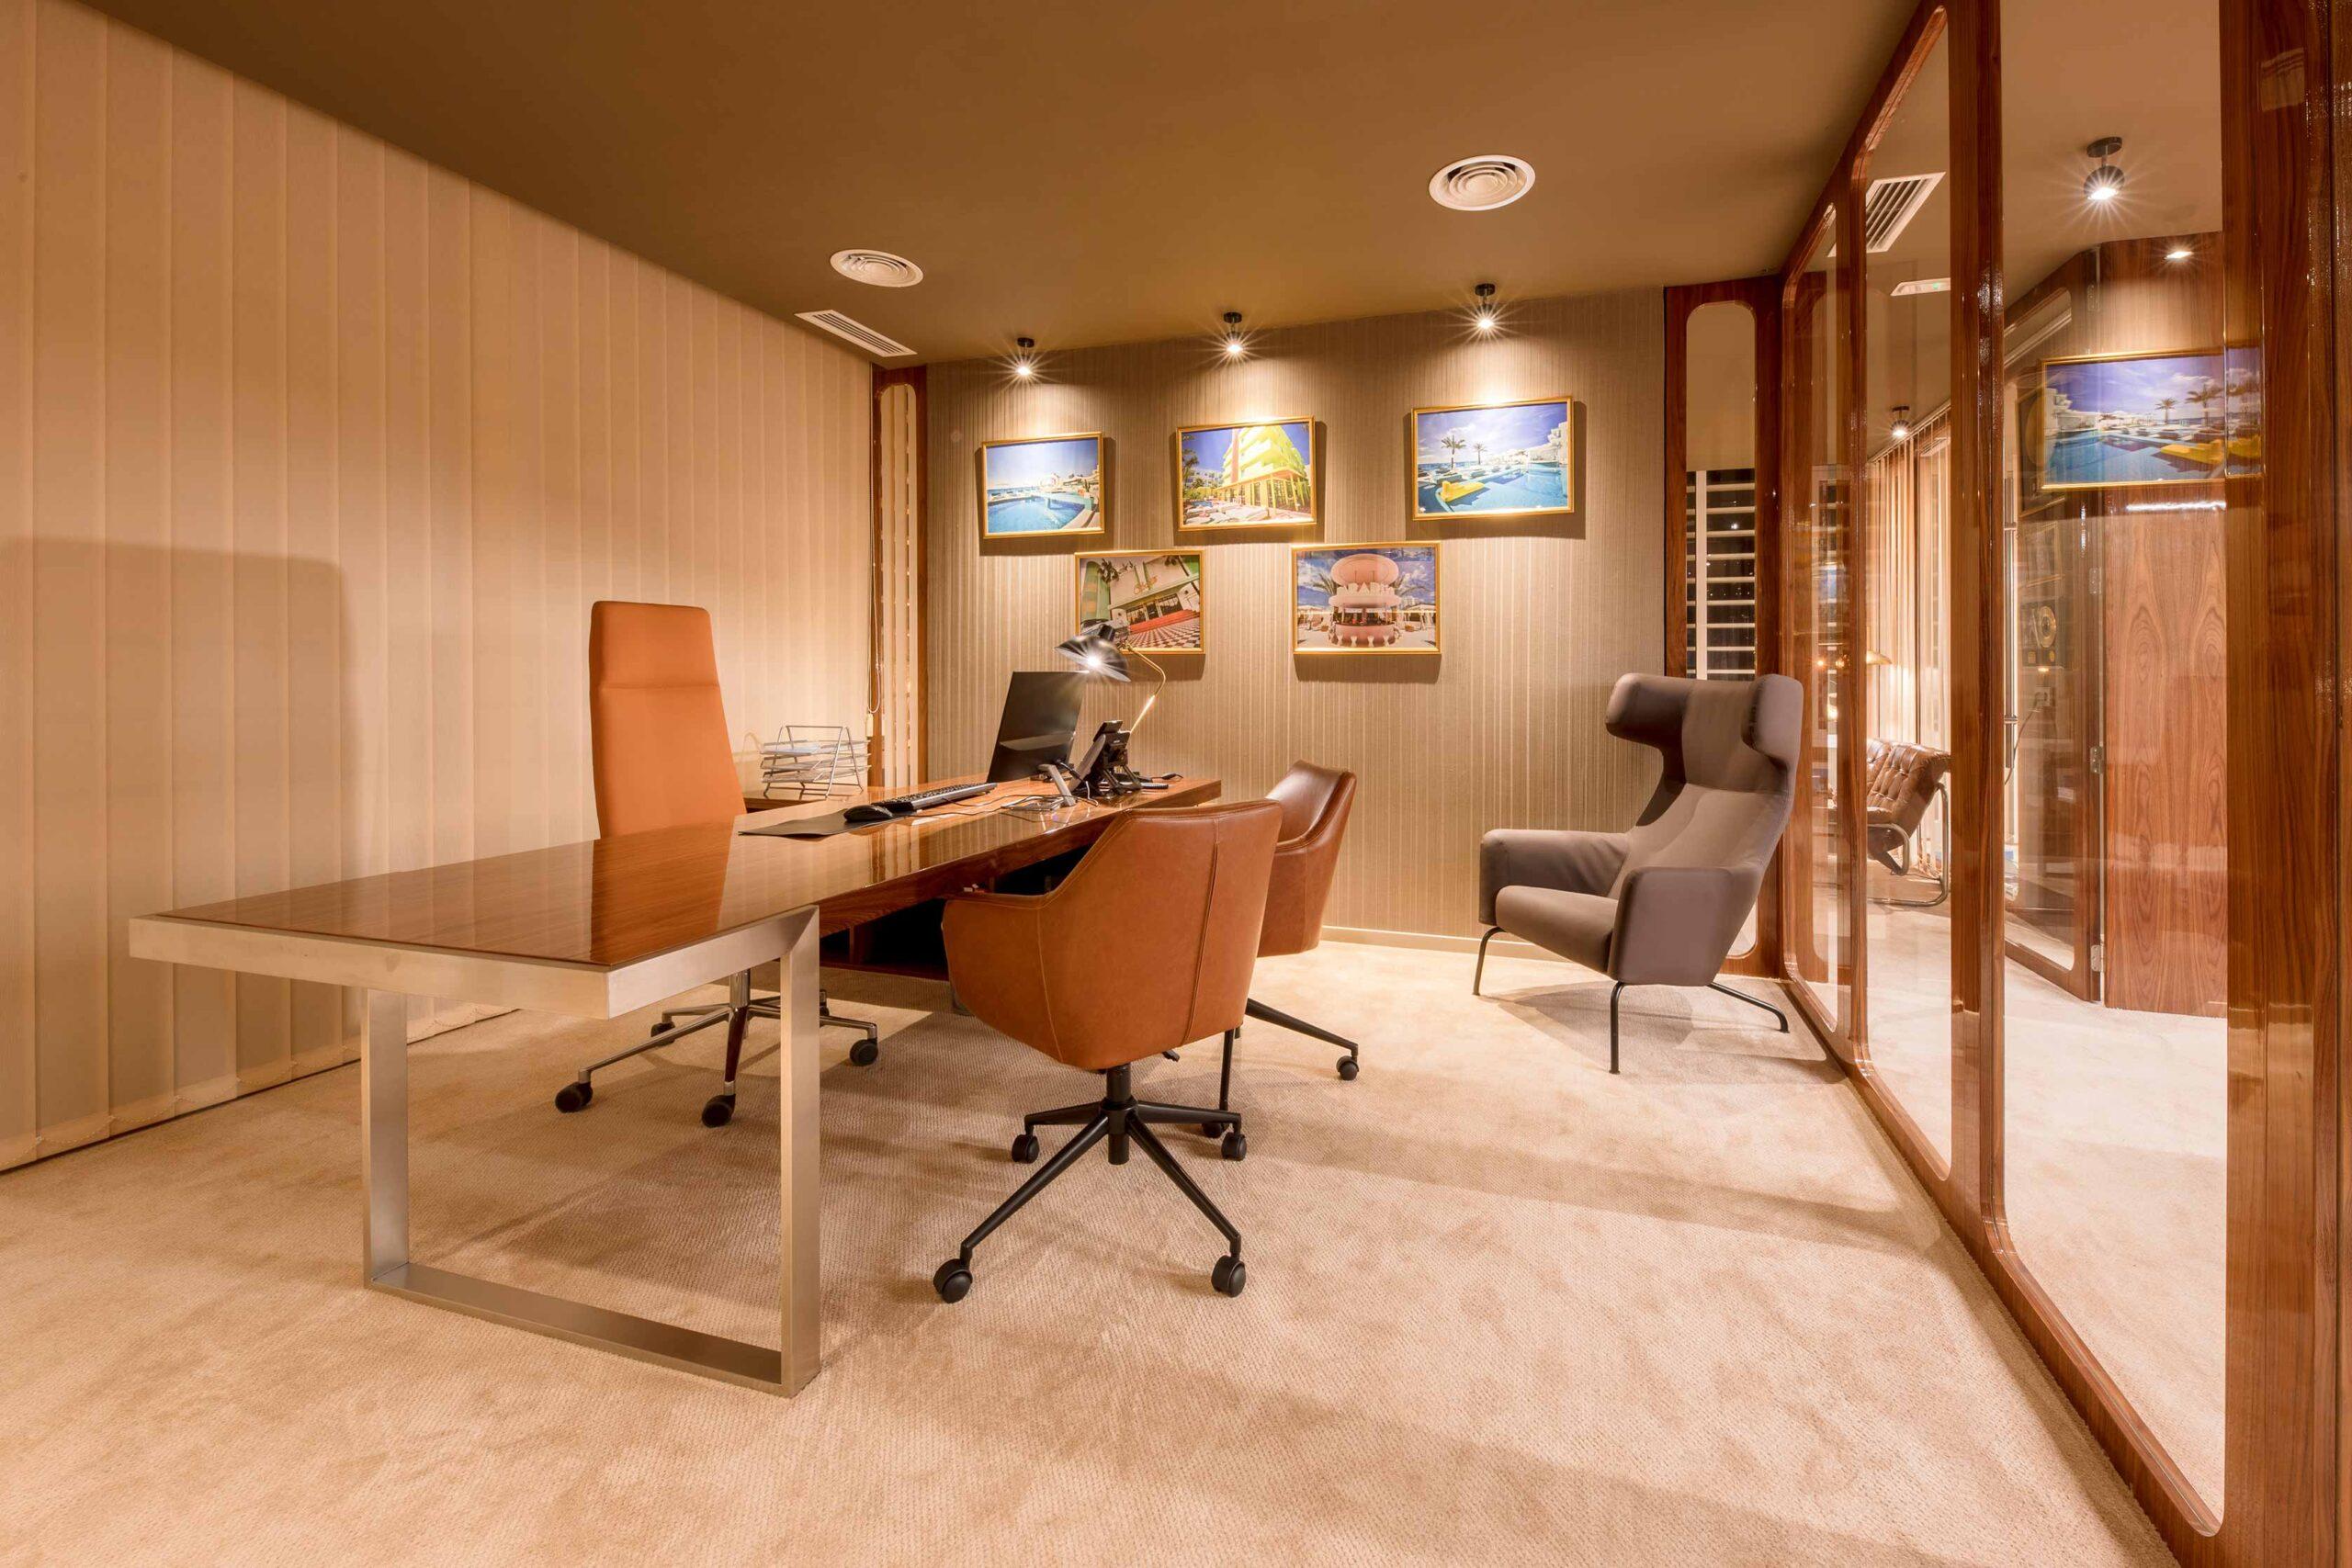 Oficinas Concept, Ibiza (11)